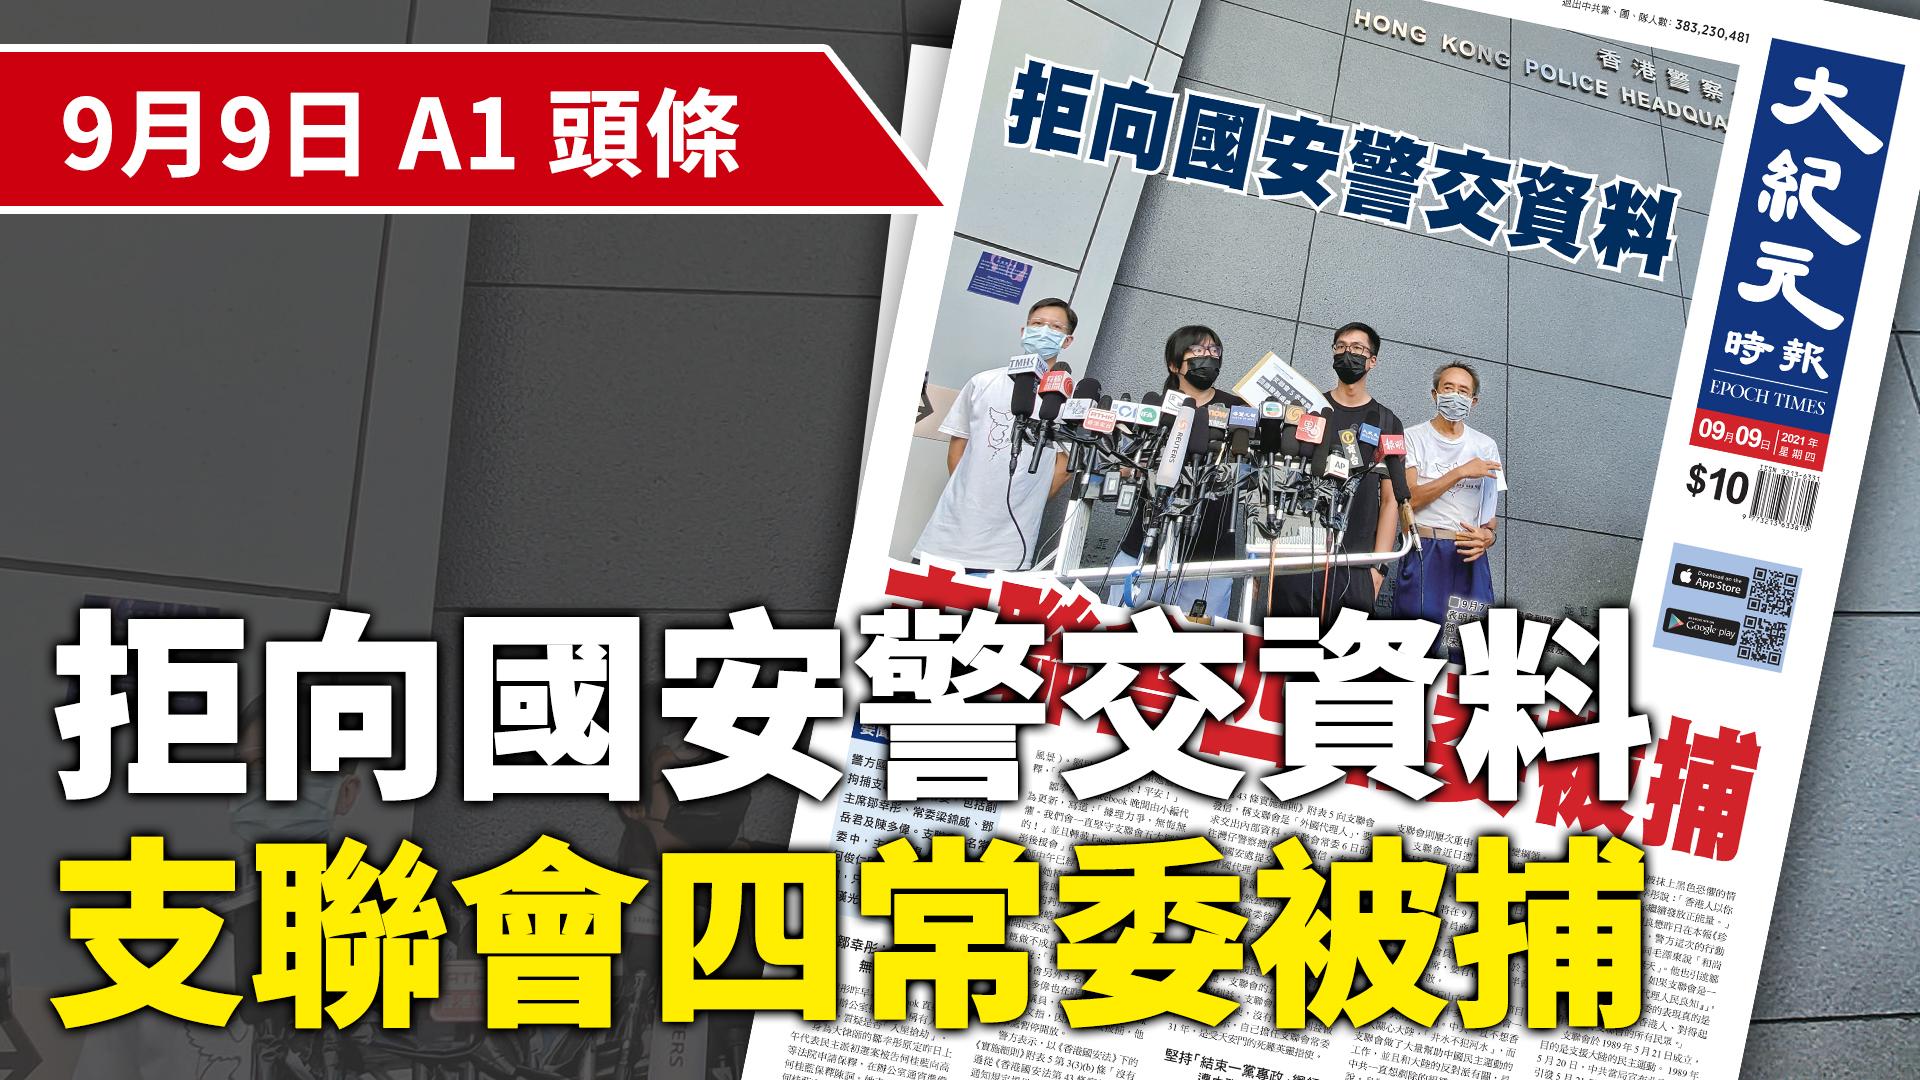 9月7日,支聯會到警察總部遞信,表明拒絕向國安處提交資料。左起:鄧岳君、鄒幸彤、梁錦威及徐漢光。(宋碧龍/大紀元)